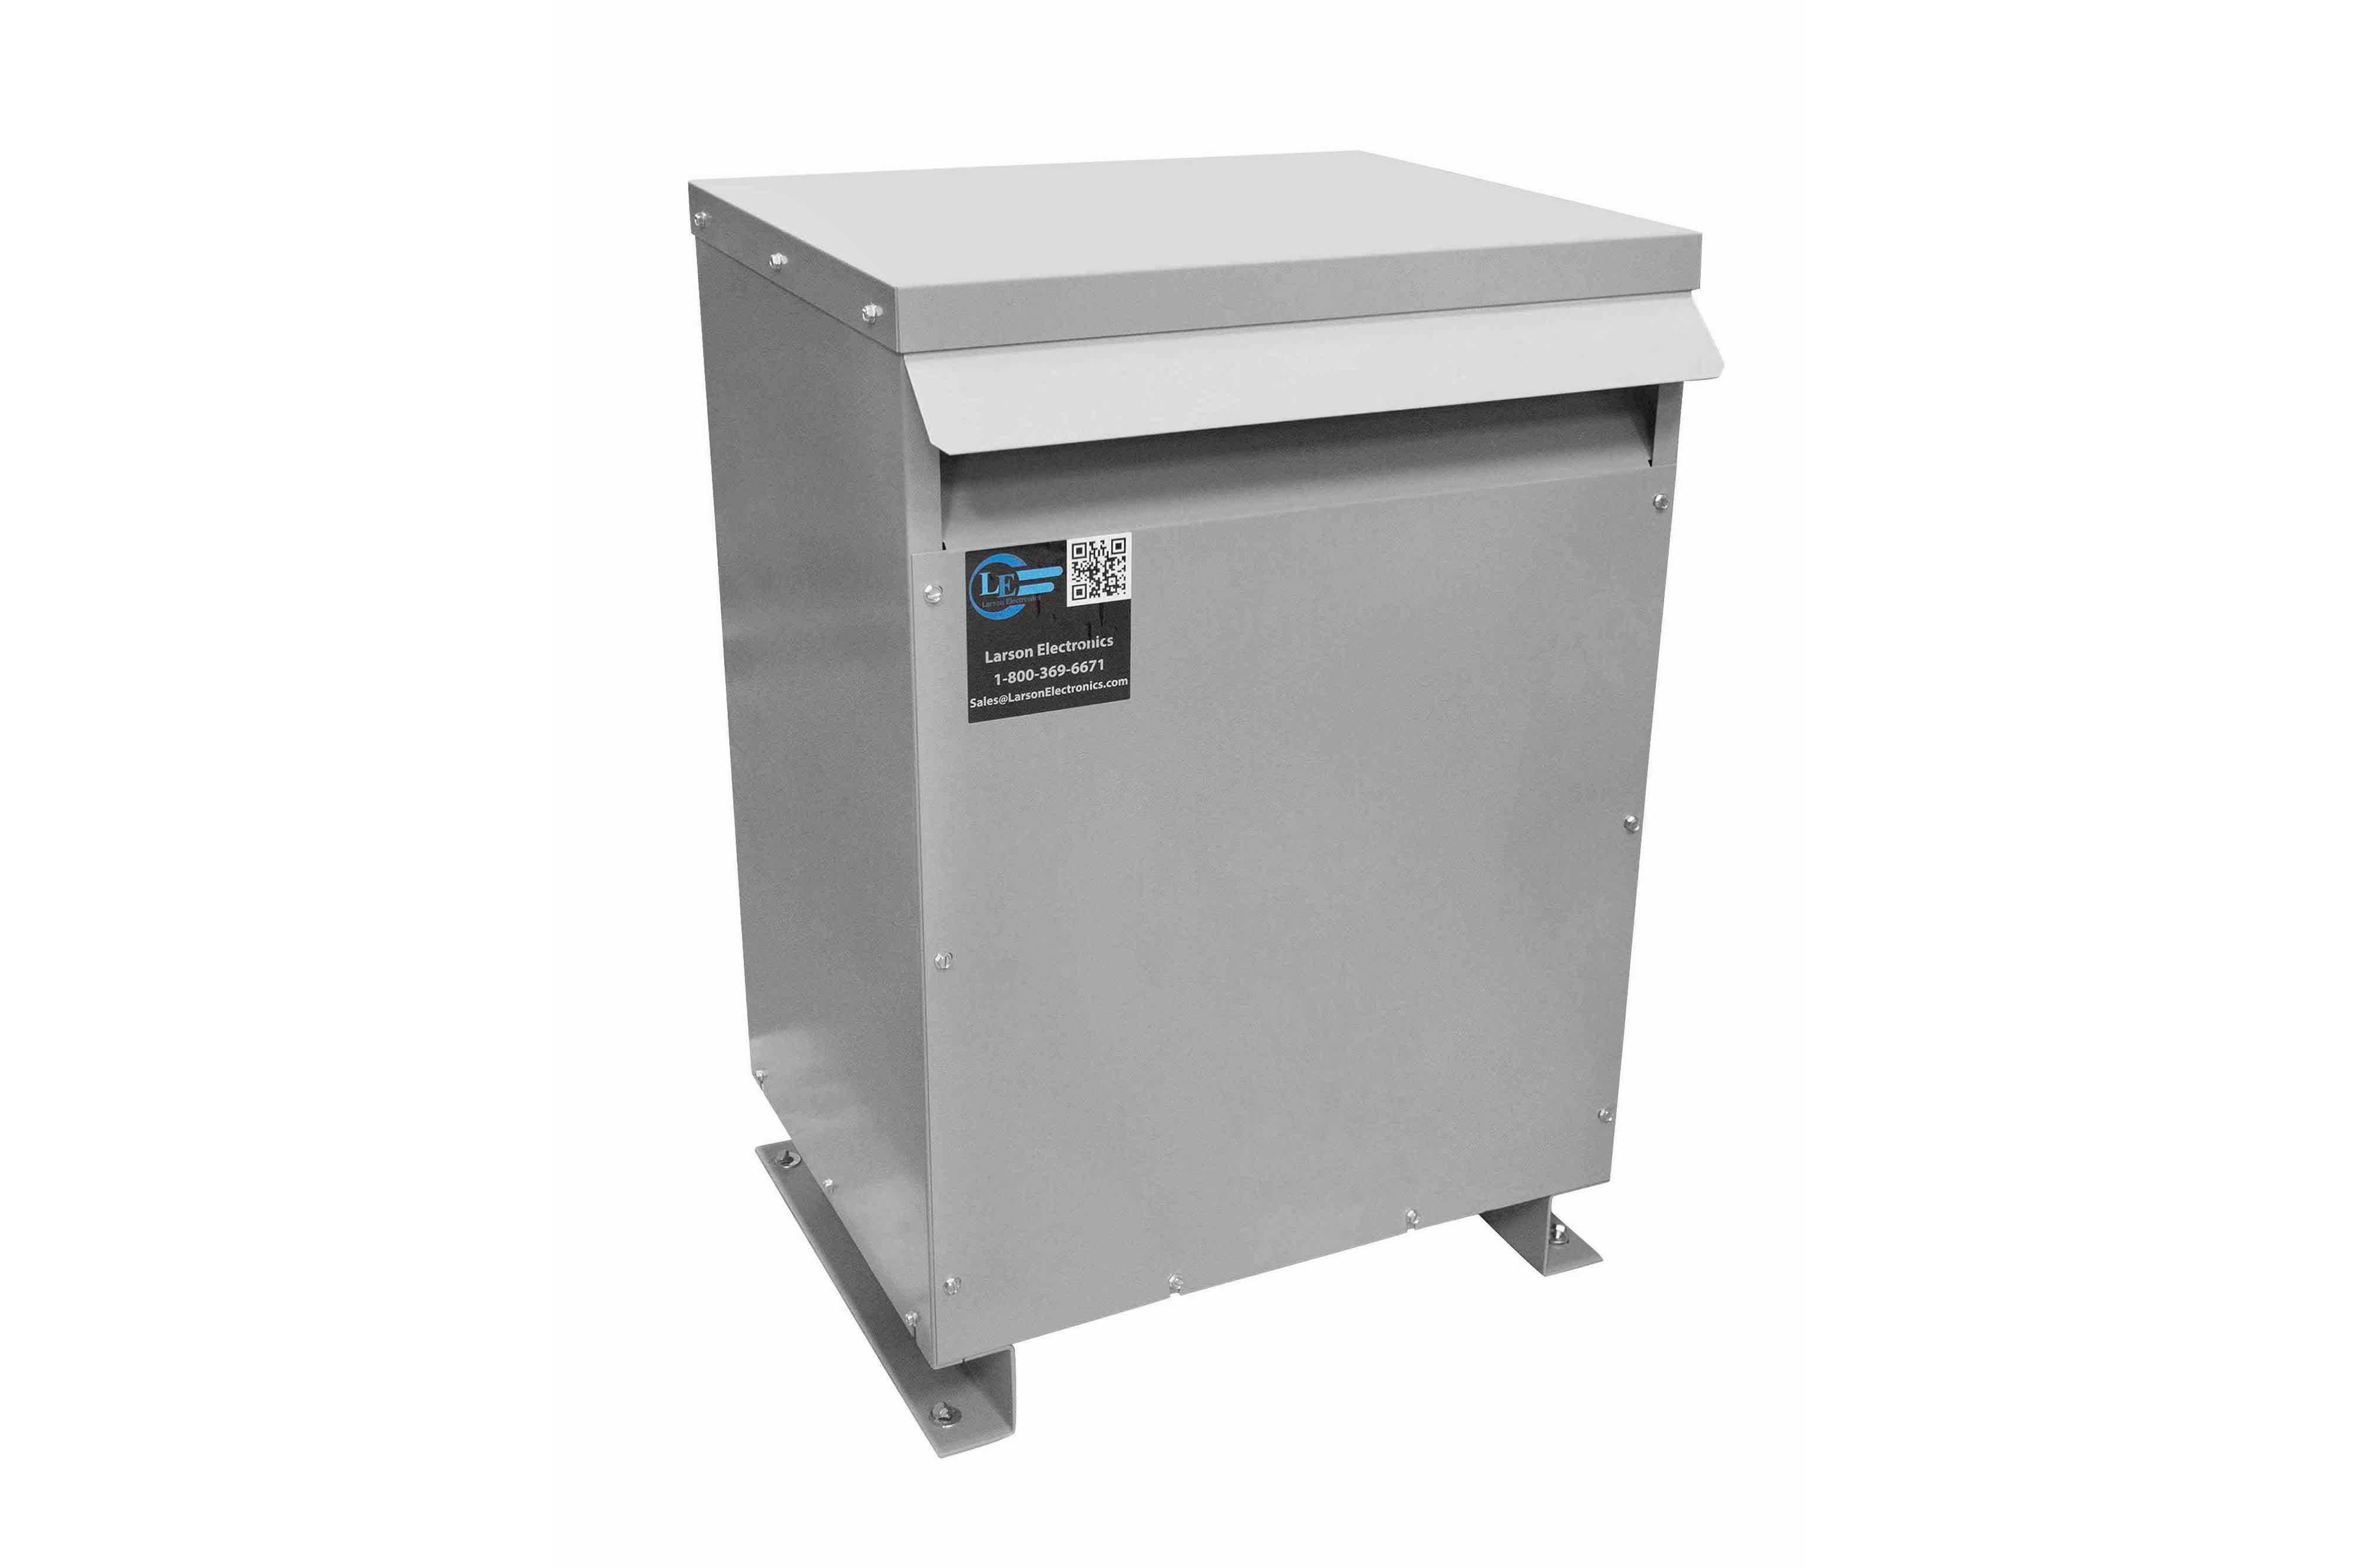 50 kVA 3PH Isolation Transformer, 600V Delta Primary, 380V Delta Secondary, N3R, Ventilated, 60 Hz